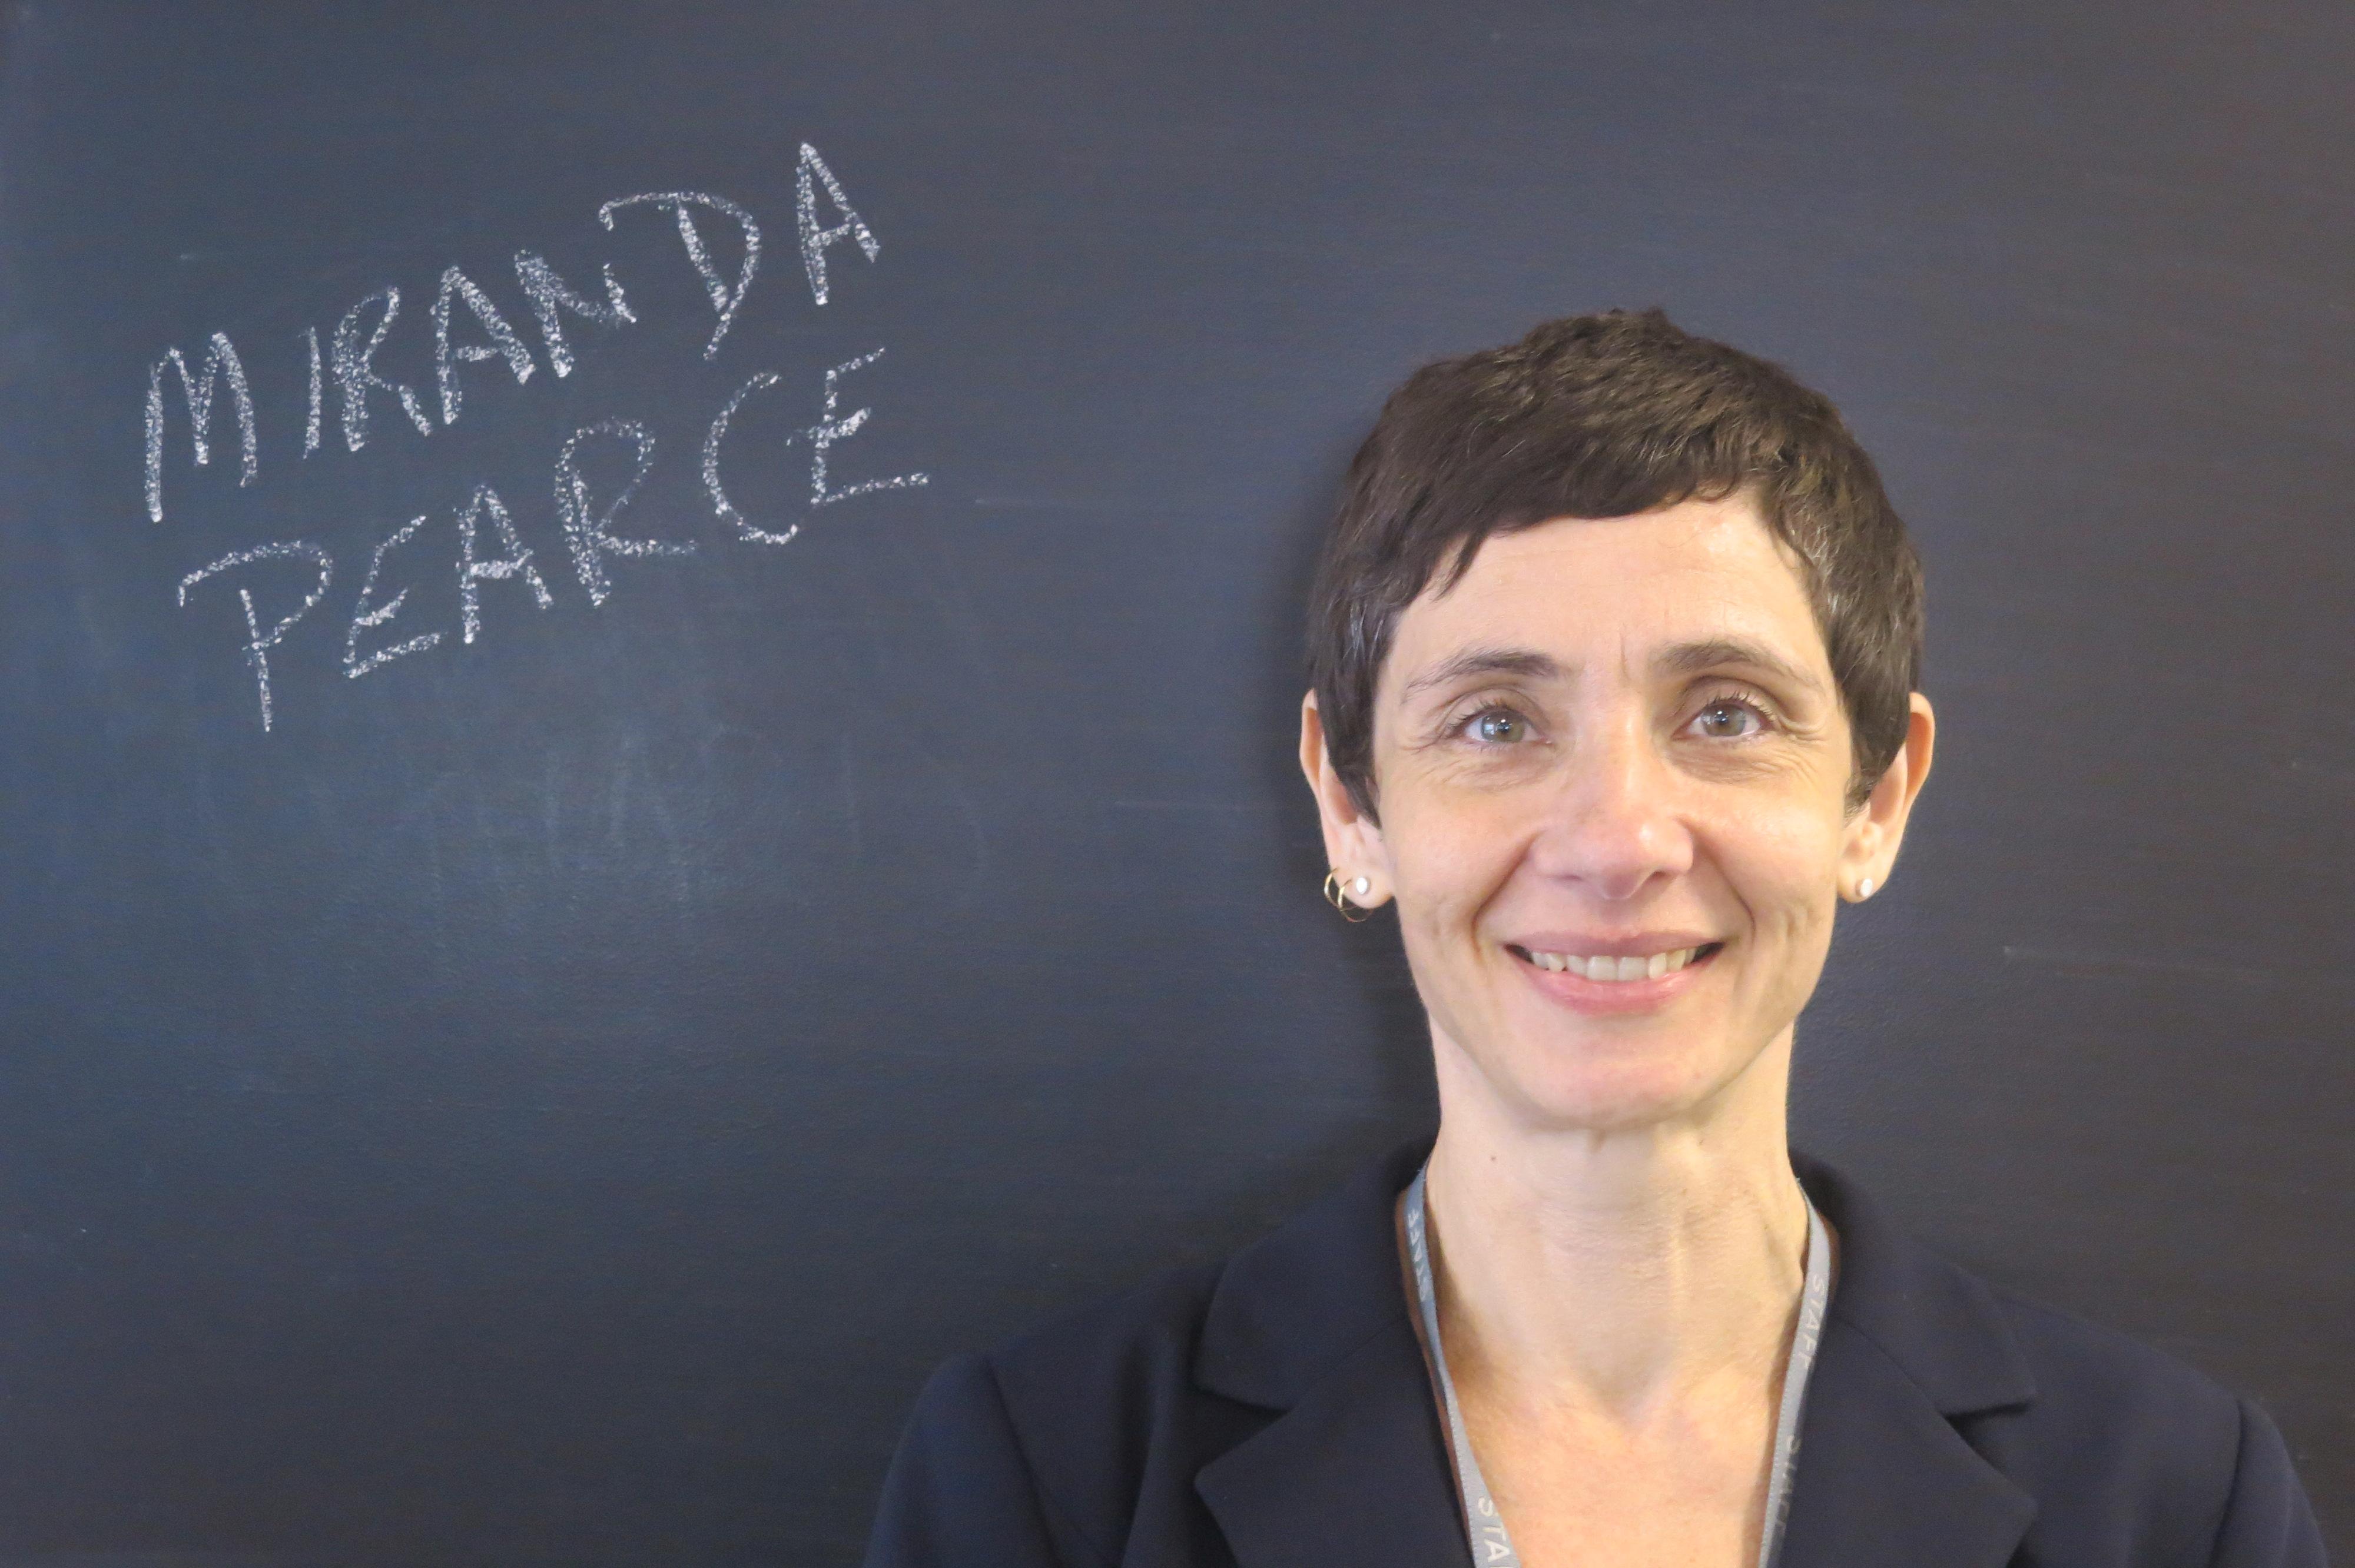 Miranda Pearce